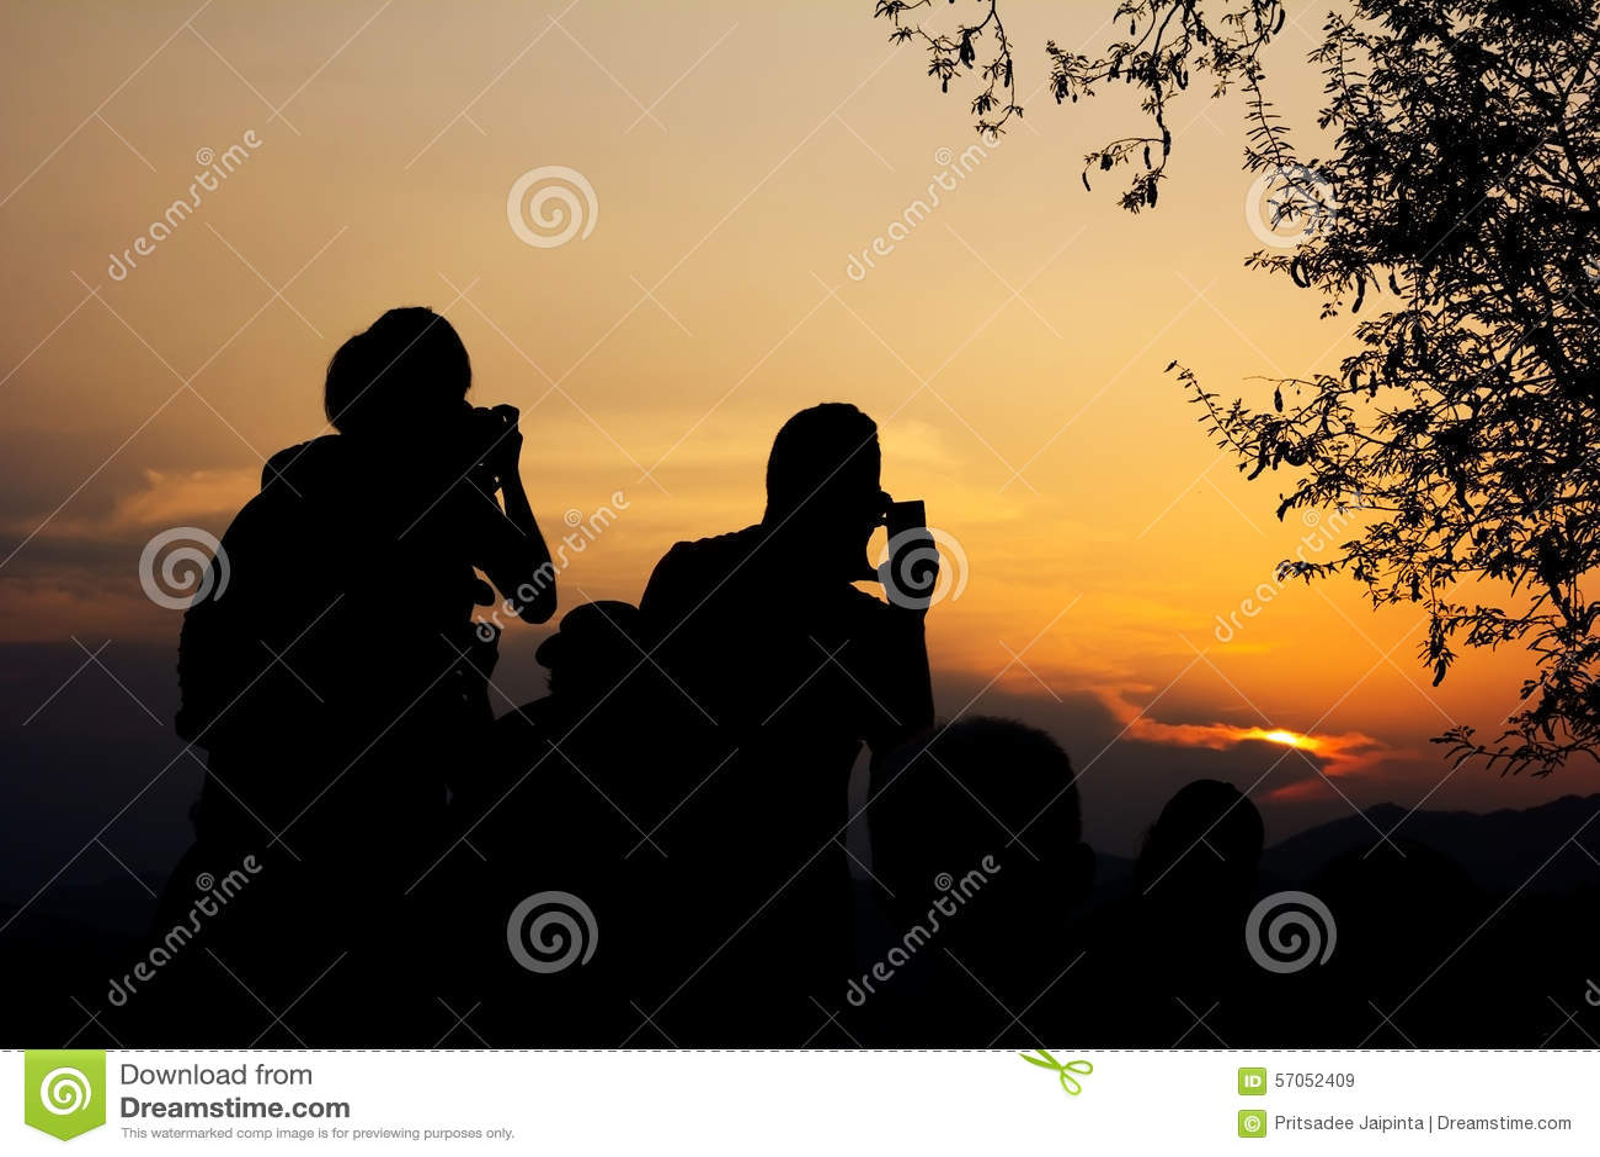 Silhouet van reizigers met camera tijdens zonsondergang